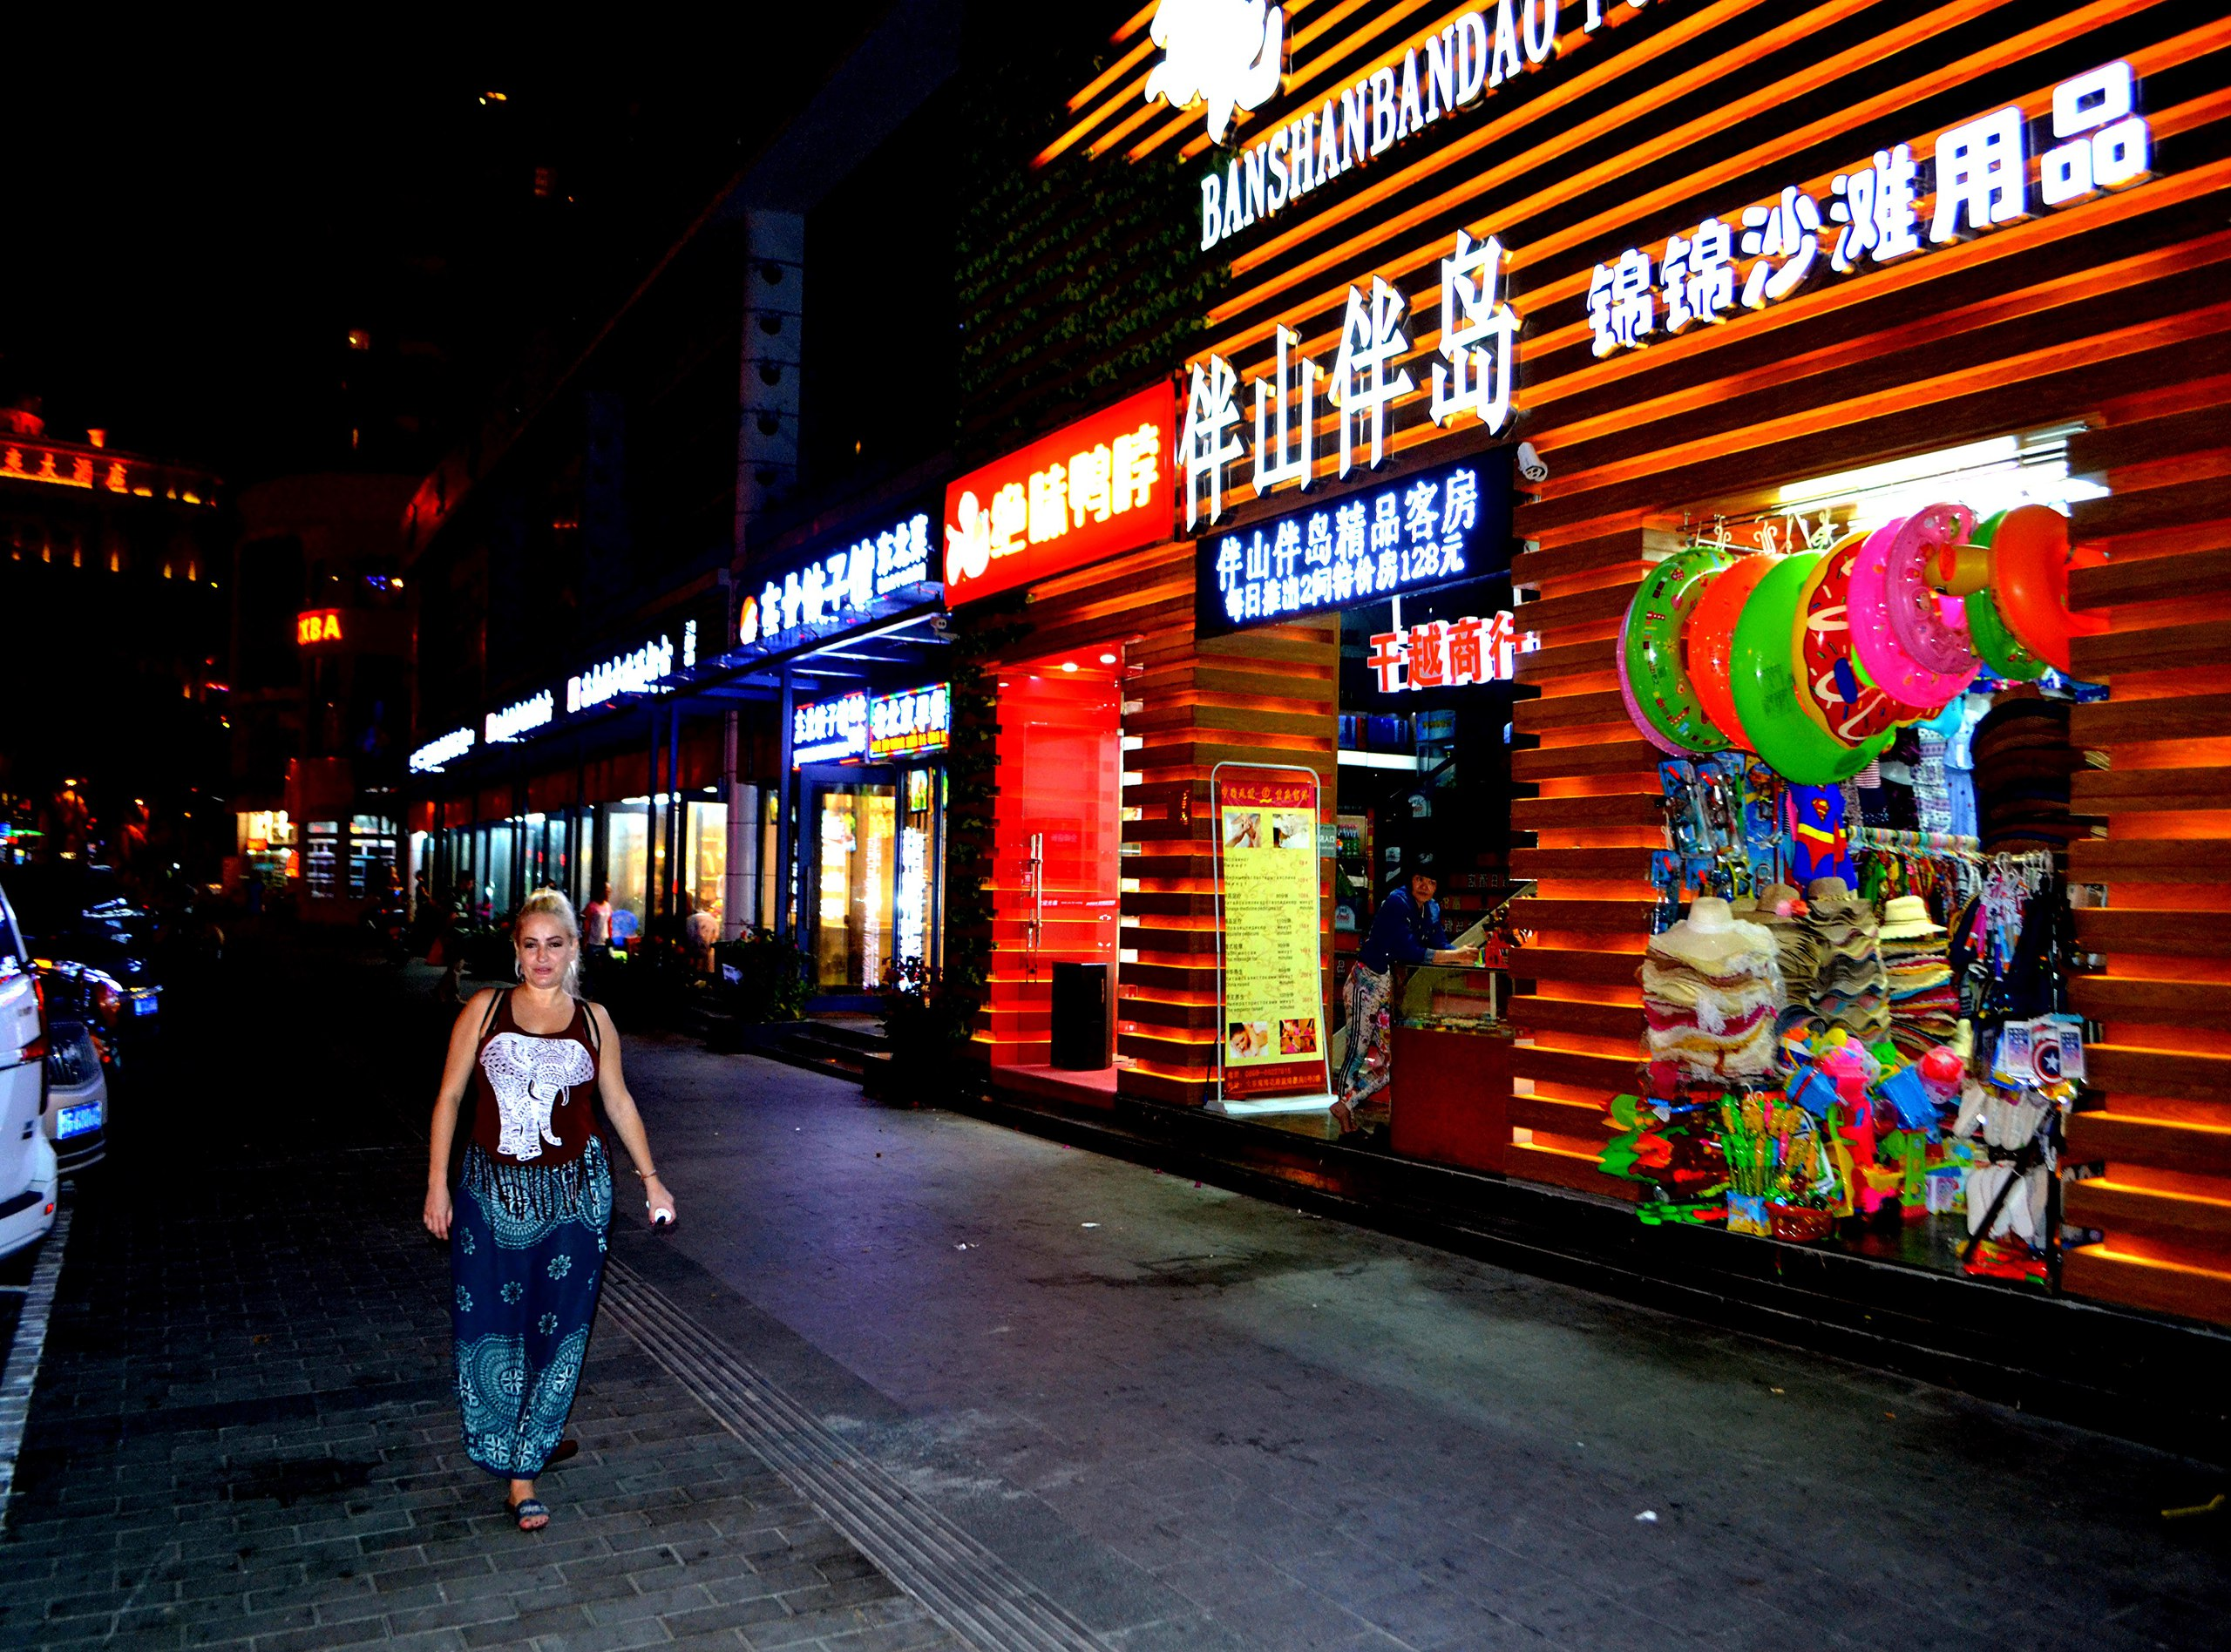 Елена Руденко (Валтея). Китай, о.Хайнань, г.Санья. (фото) - Страница 2 9u0gEE6gBUE